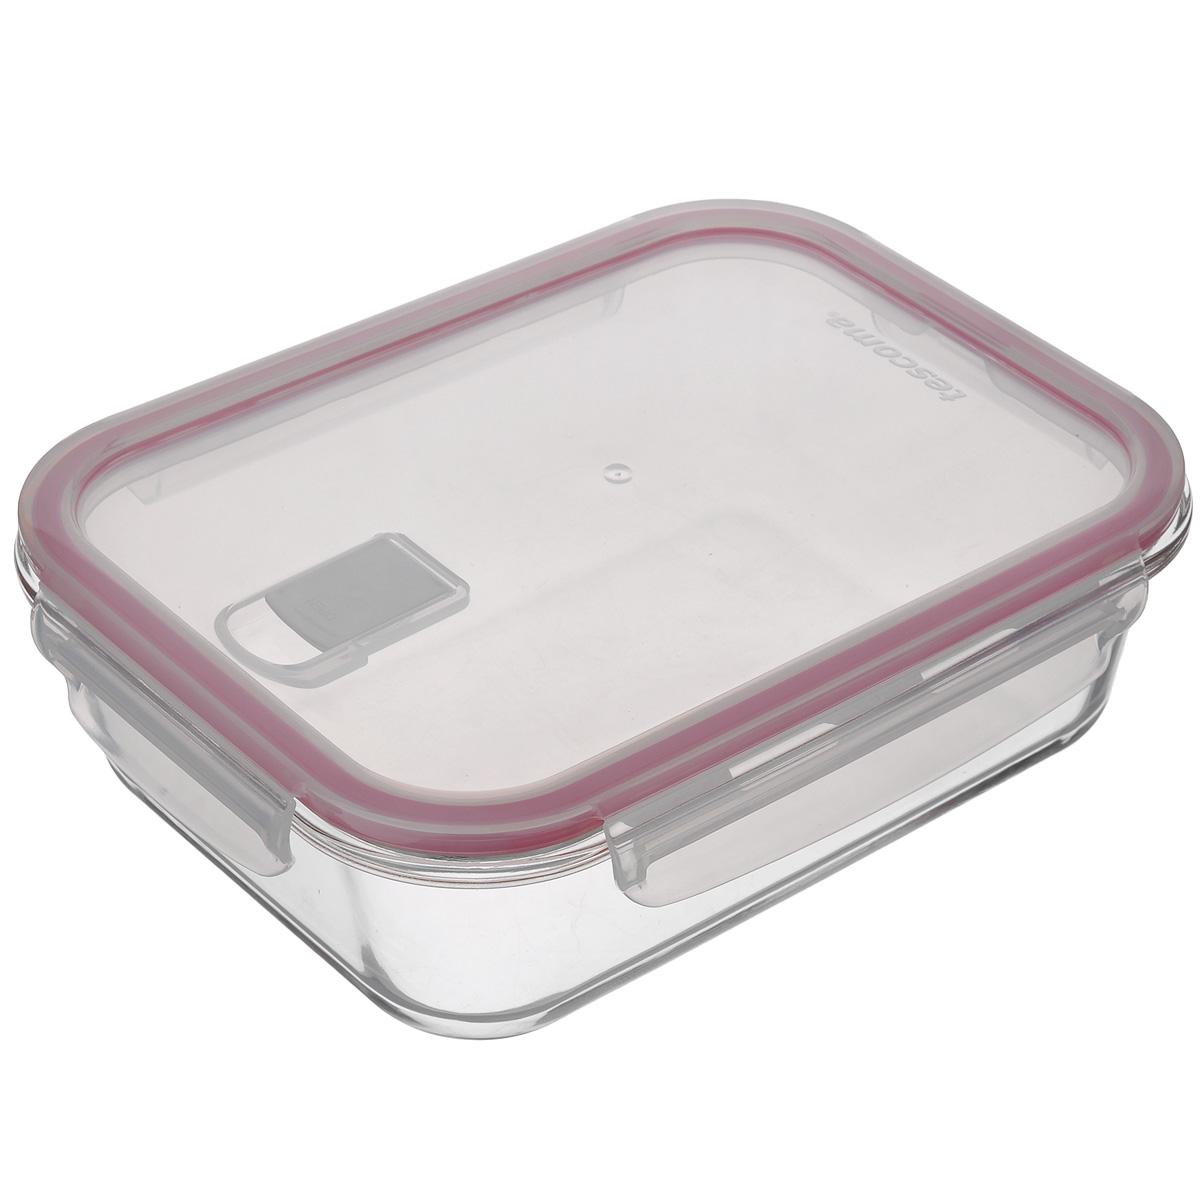 Контейнер Tescoma Freshbox Glass, 1,5 л892173Контейнер Tescoma Freshbox Glass отлично подходит для хранения, запекания и разогрева блюд. Герметичная крышка имеет силиконовый уплотнитель, пища остается свежей дольше и не протекает при перевозке. Клапан для выпуска пара позволяет разогреть пищу в микроволновой печи с крышкой. Изготовлен контейнер из термостойкого боросиликатного стекла, отличного силикона и прочной пластмассы. Устойчив от -18°С до +110°С (крышка) и 240°C (корпус). Подходит для холодильника, морозильных камер, микроволновой печи и посудомоечной машины.